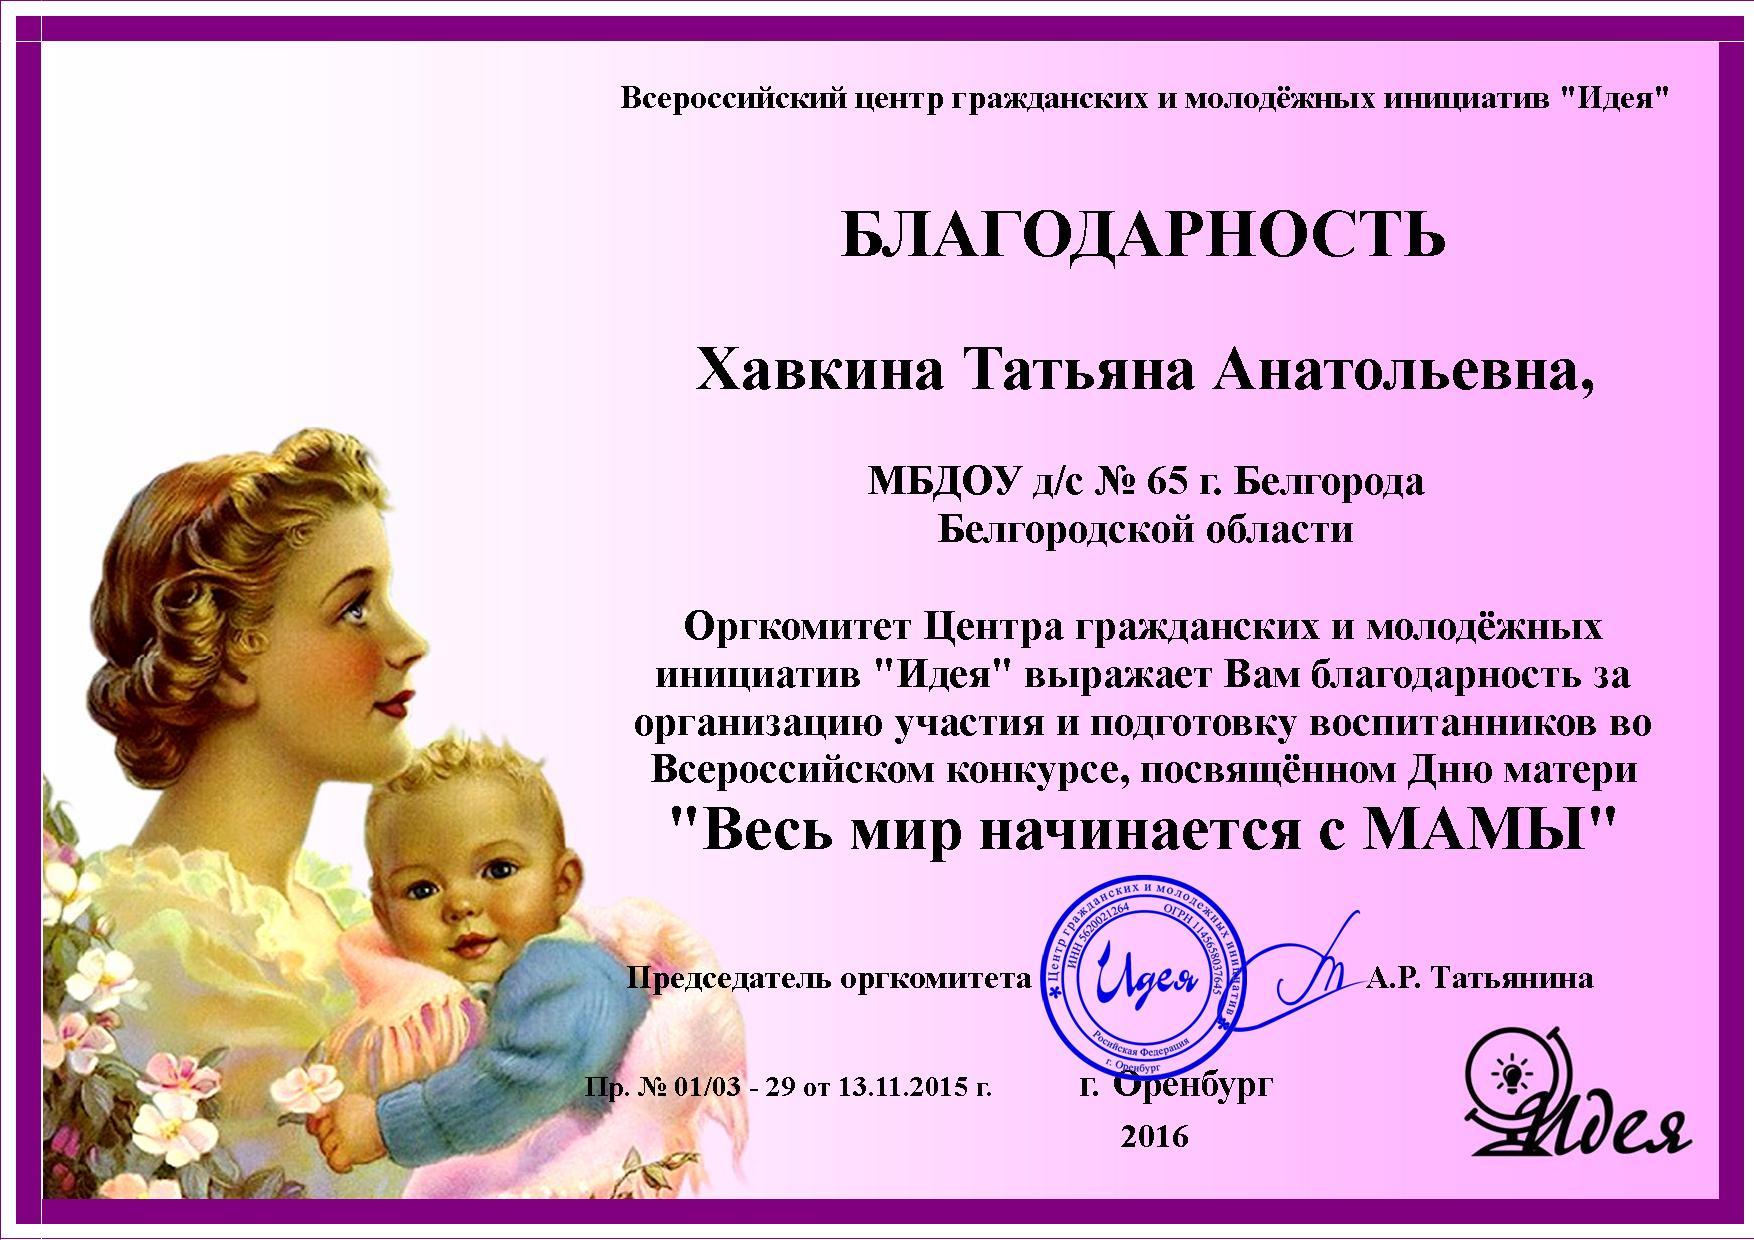 Благодарственное письмо-Хавкина Татьяна Анатольевна-64579